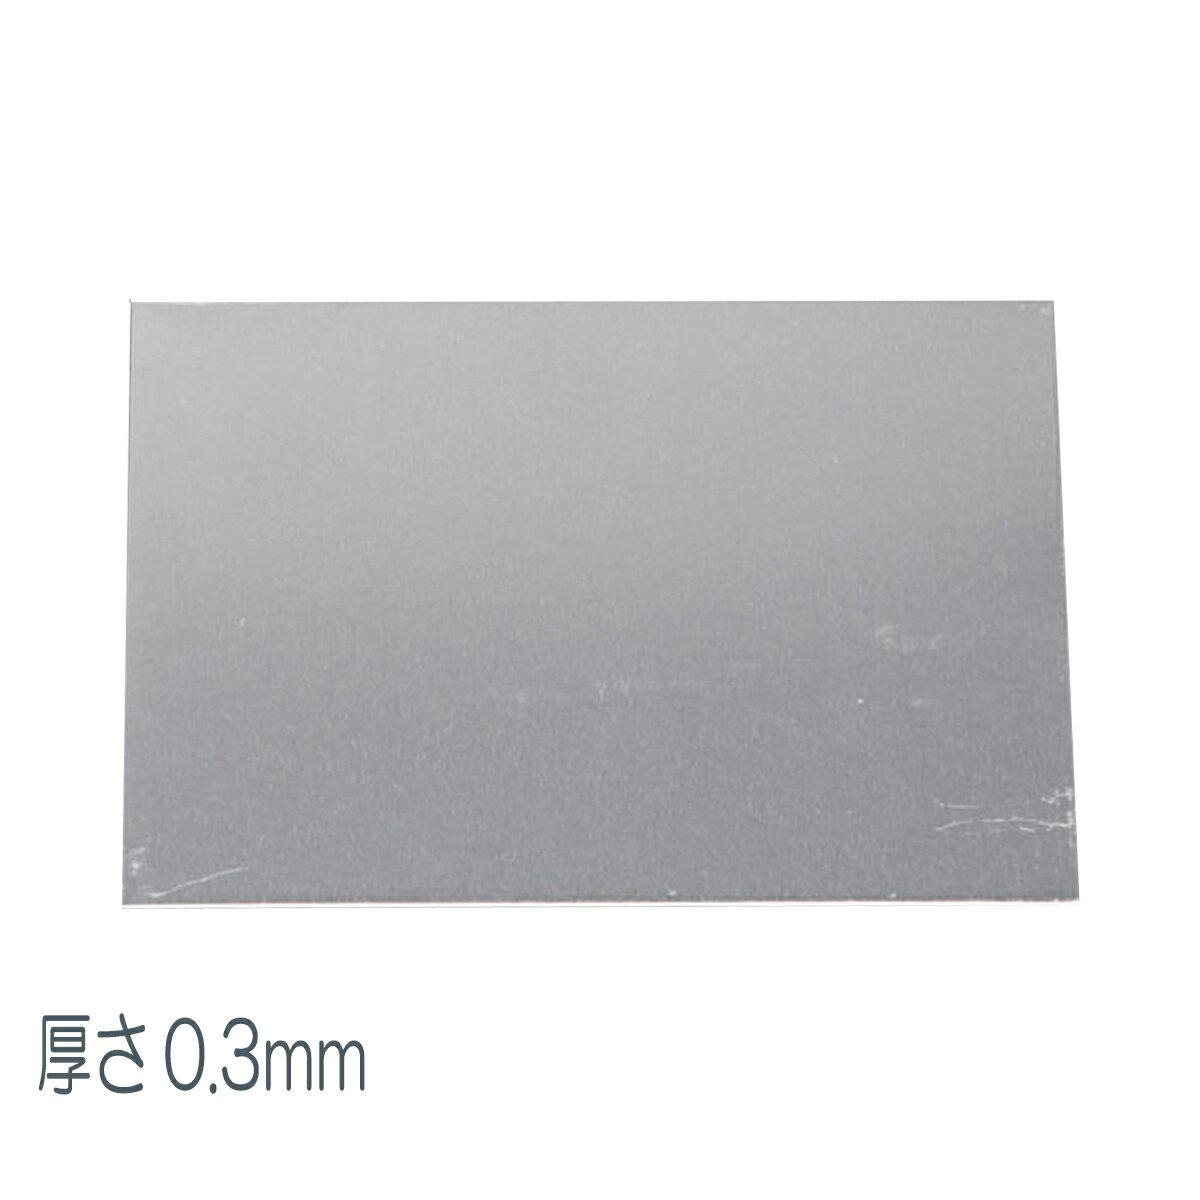 アルミ板 300×400mm×厚さ0.3mm 【 金属 工芸 真鍮 金属板 】